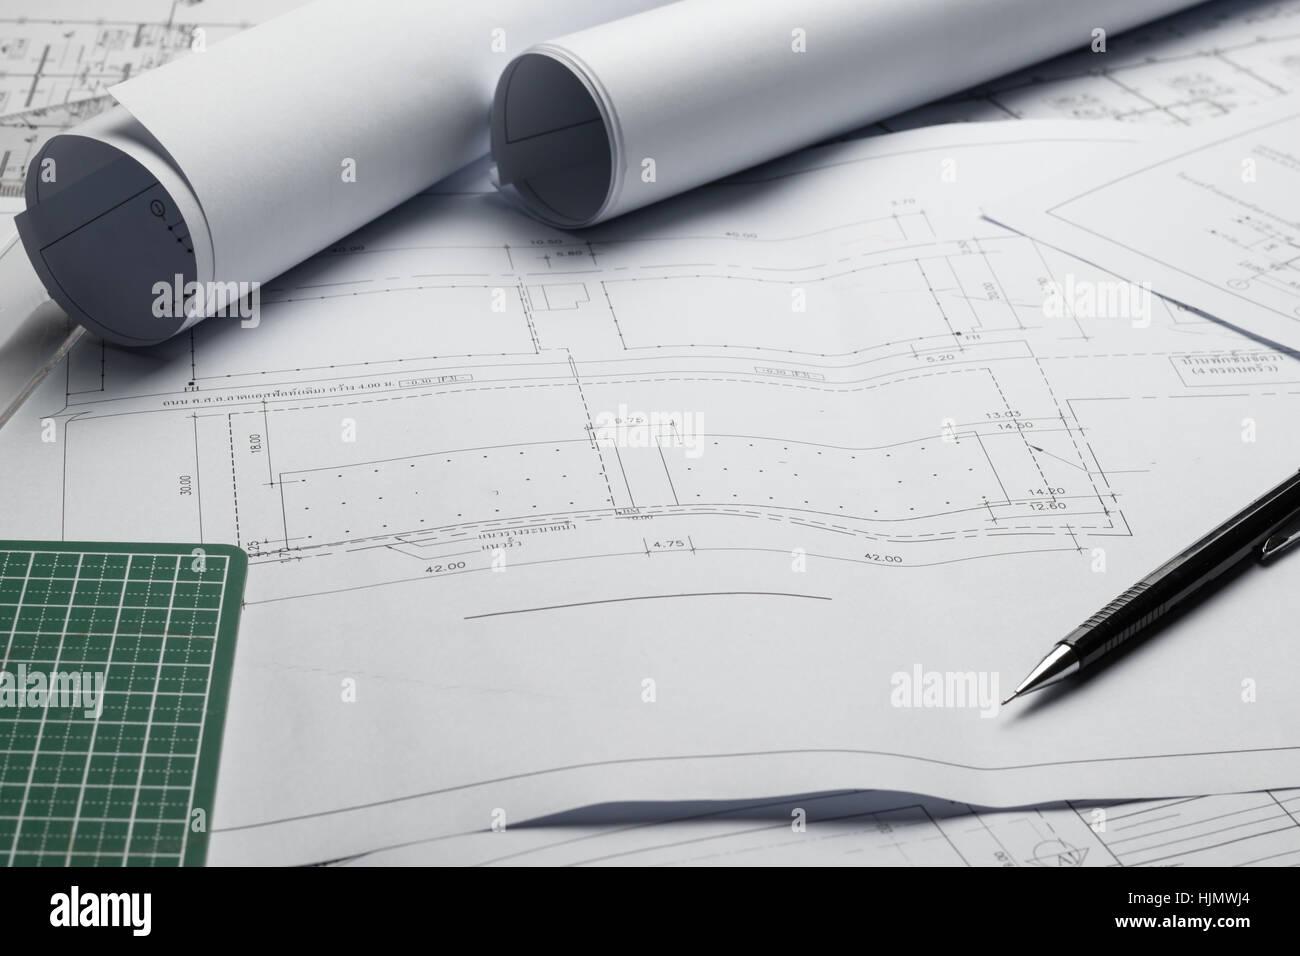 Erfreut Skizzendiagramm Ideen - Elektrische Schaltplan-Ideen ...